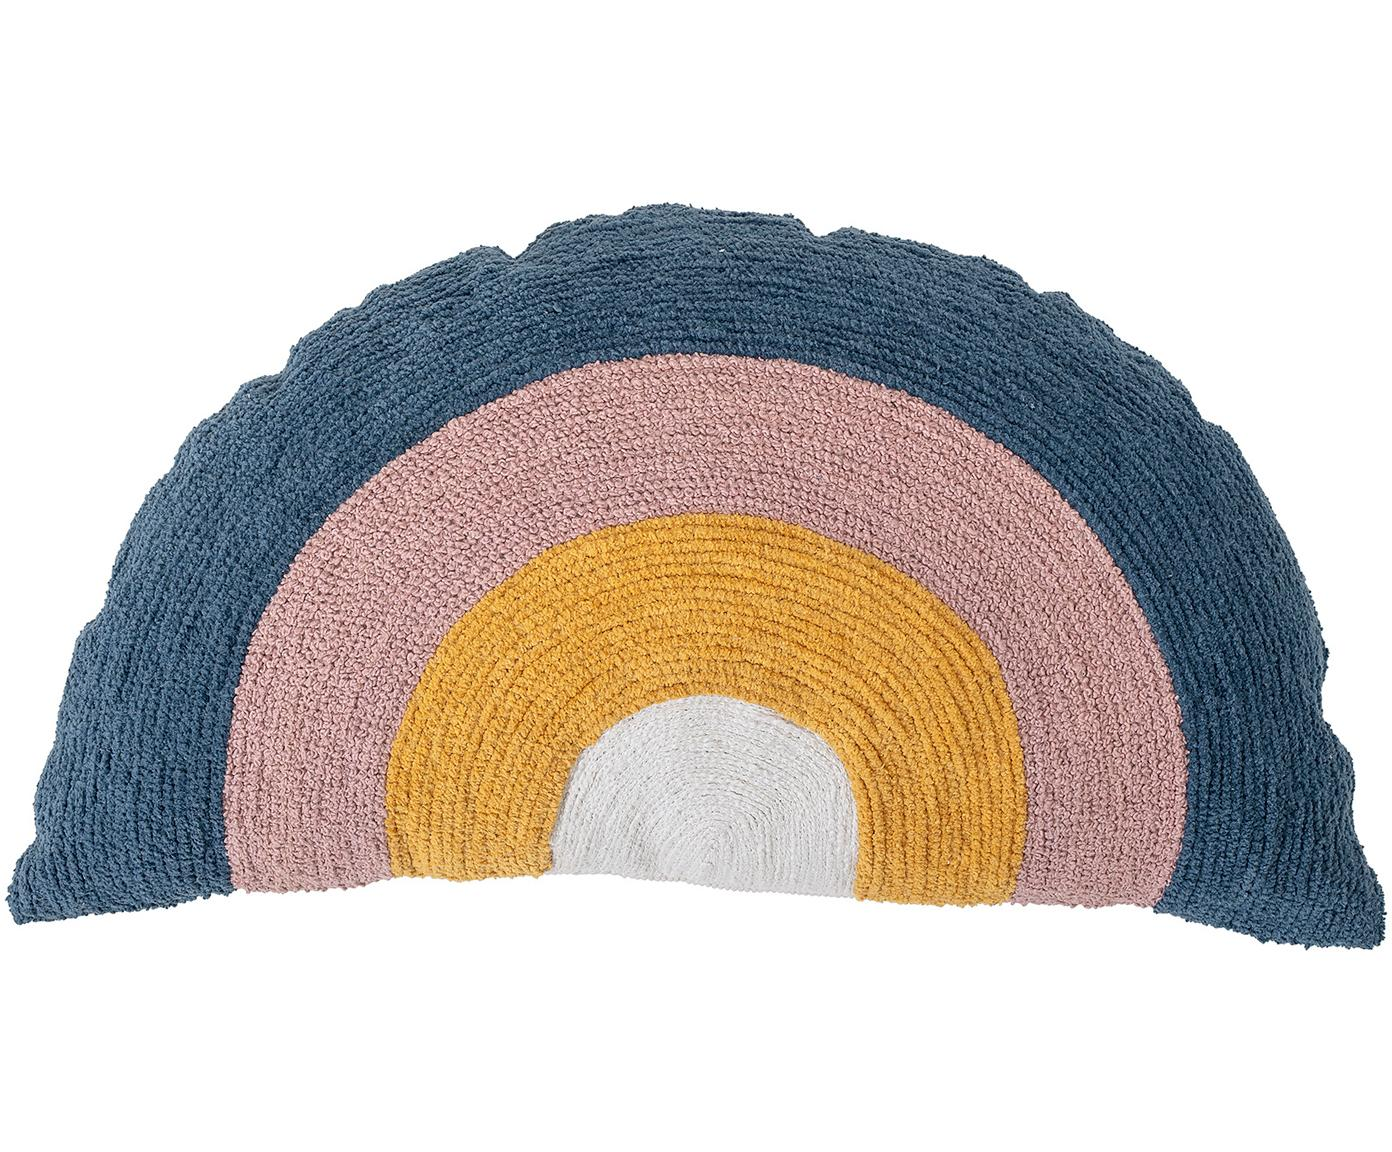 Kissen Rainbow, mit Inlett, Bezug: Baumwolle, Weiß, Gelb, Blau, Rosa, 70 x 40 cm